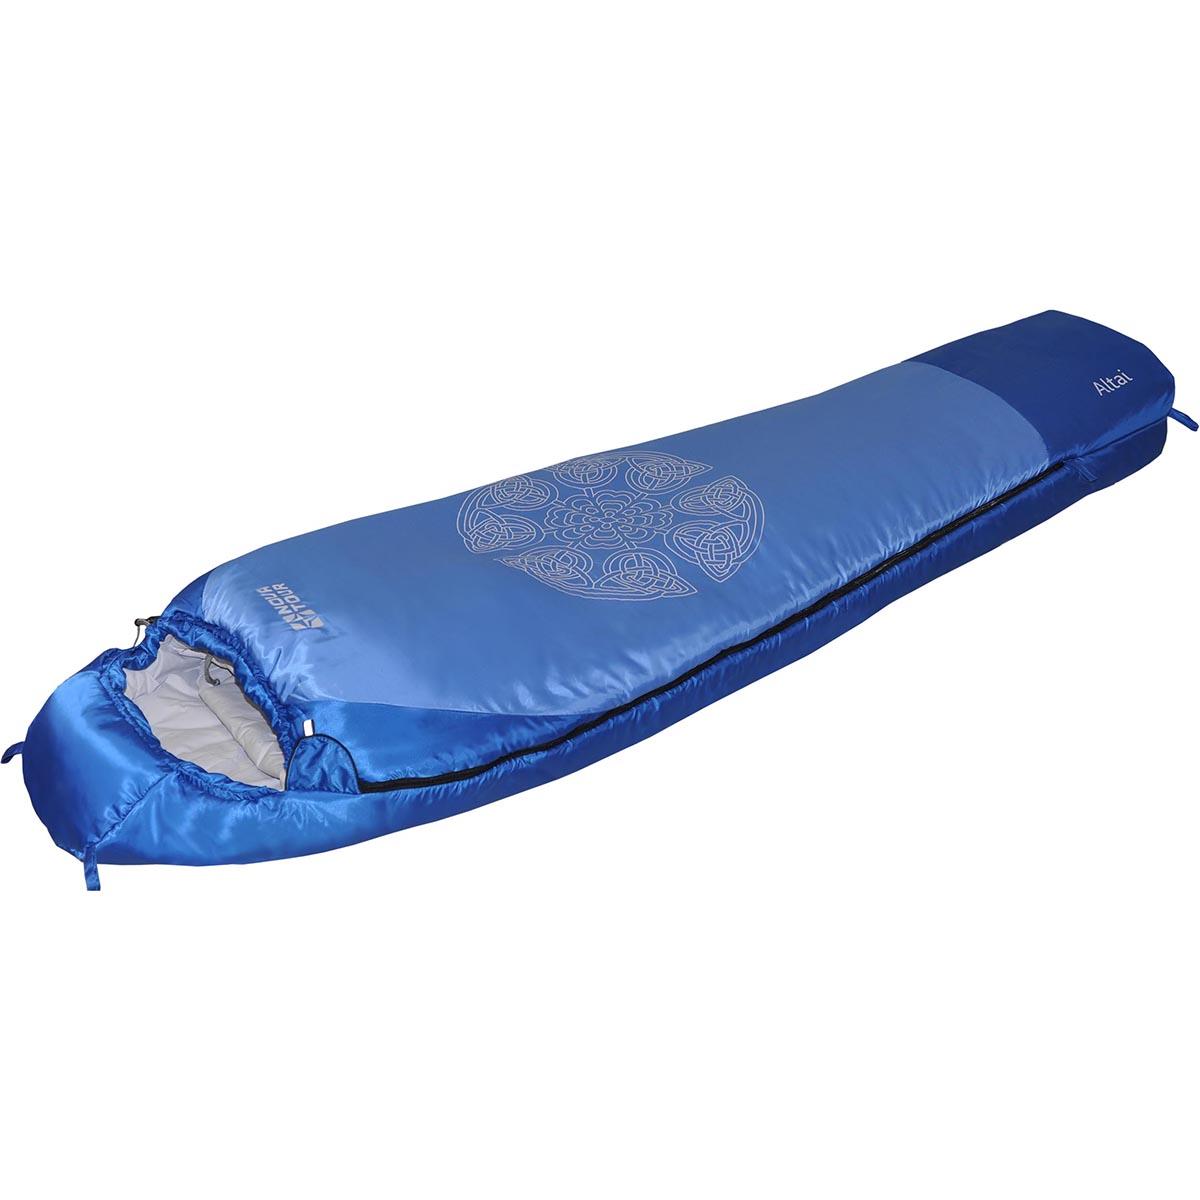 Мешок спальный NOVA TOUR Алтай -10 V2, цвет: синий, белый, правосторонняя молния95423-407-RightСпальный мешок NOVA TOUR Алтай -10 V2 имеет конструкцию кокон с синтетическим наполнителем. Оснащен утепленным утягивающимся капюшоном и шейным воротником, двухзамковой молнией, позволяющей состегнуть два спальника левого и правого исполнения в один двойной. Мешок выполнен из высококачественного полиэстера. Наполнен спальник двухслойным холлофайбером - уникальным, особо теплым, гипоаллергенным утеплителем, каждое волокно которого тоньше волоса и имеет внутри себя еще 7 воздушных каналов. Компрессионный чехол в комплекте. Длина спальника: 220 см.